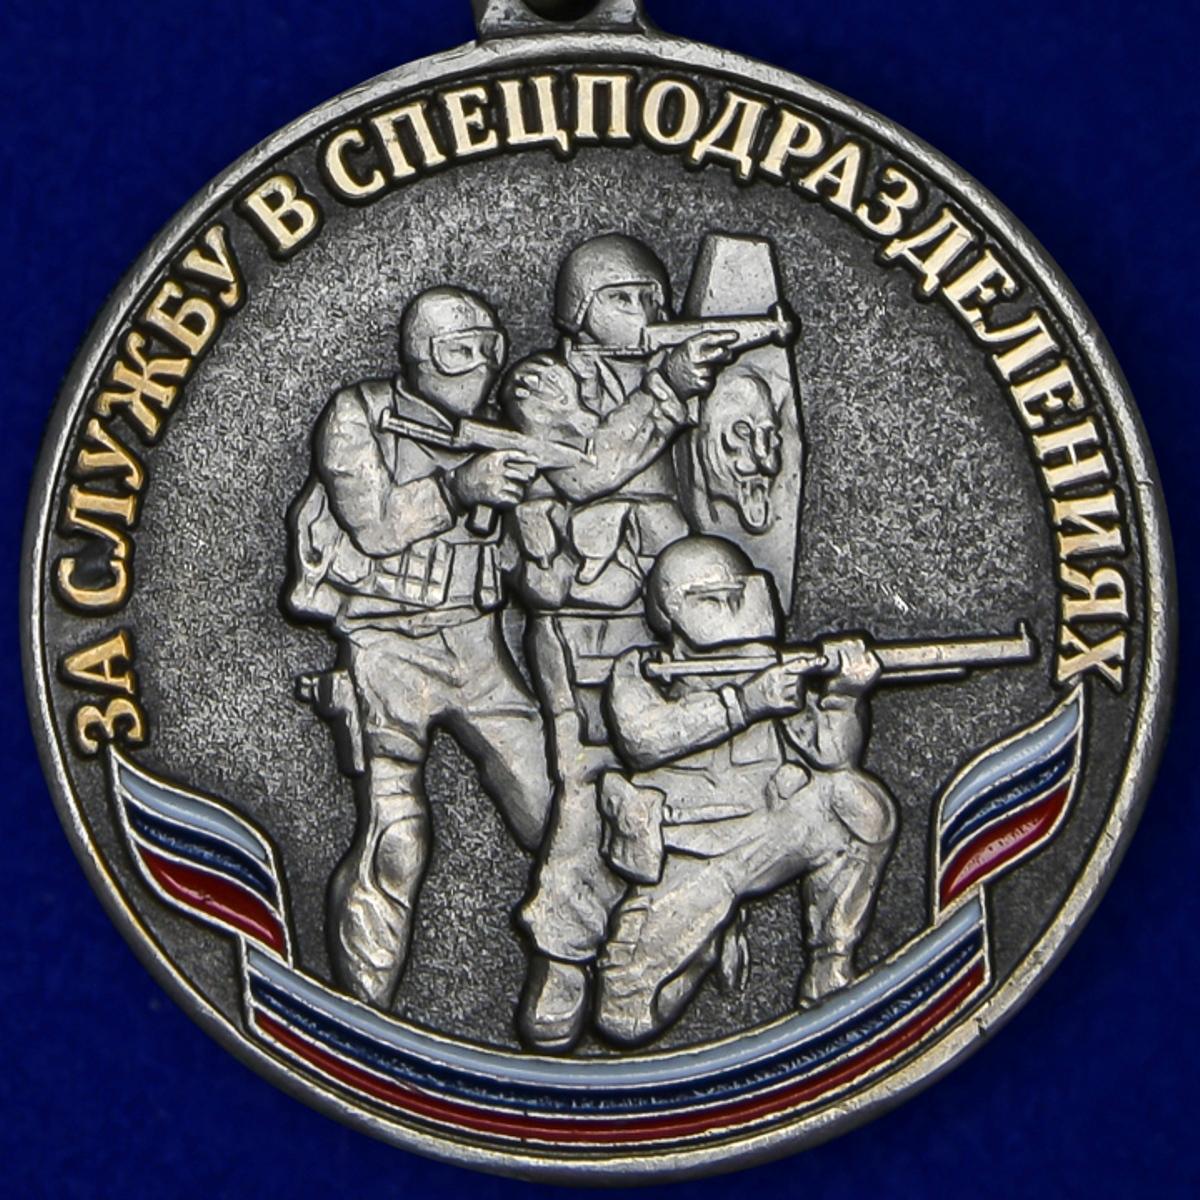 Общественная медаль За службу в спецподразделениях